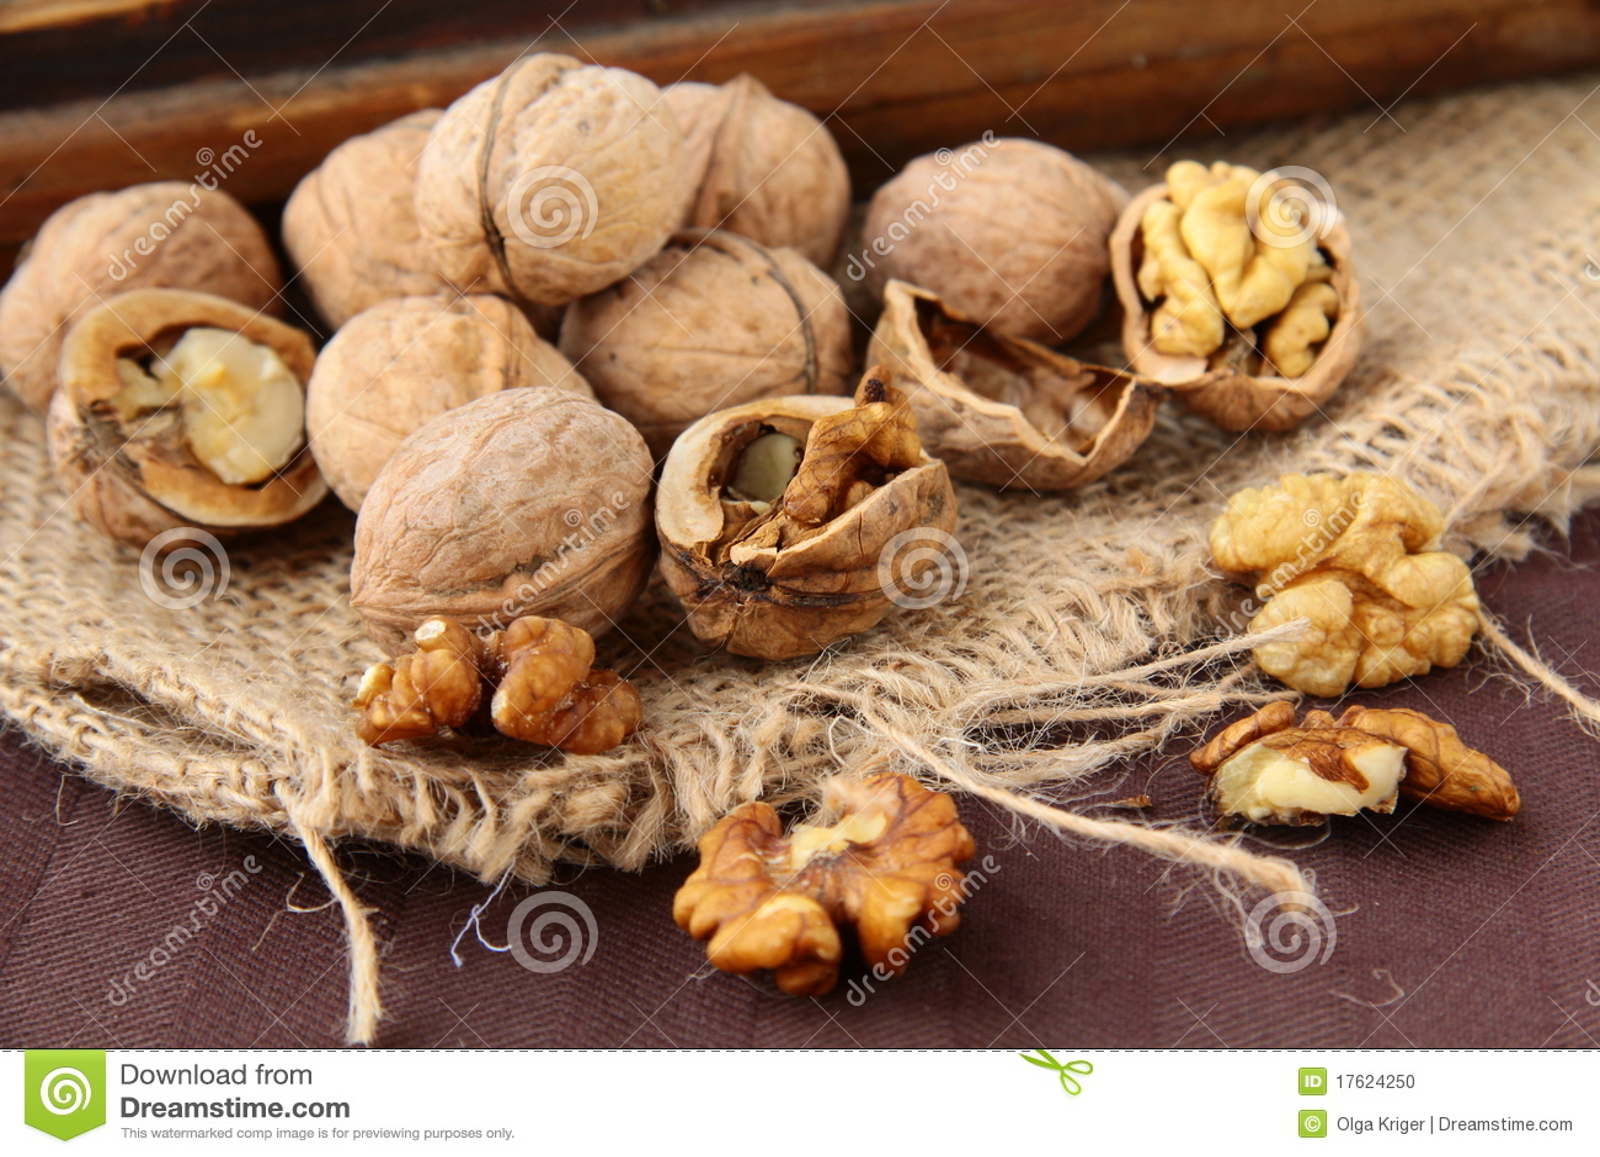 прерванные грецкие орехи все